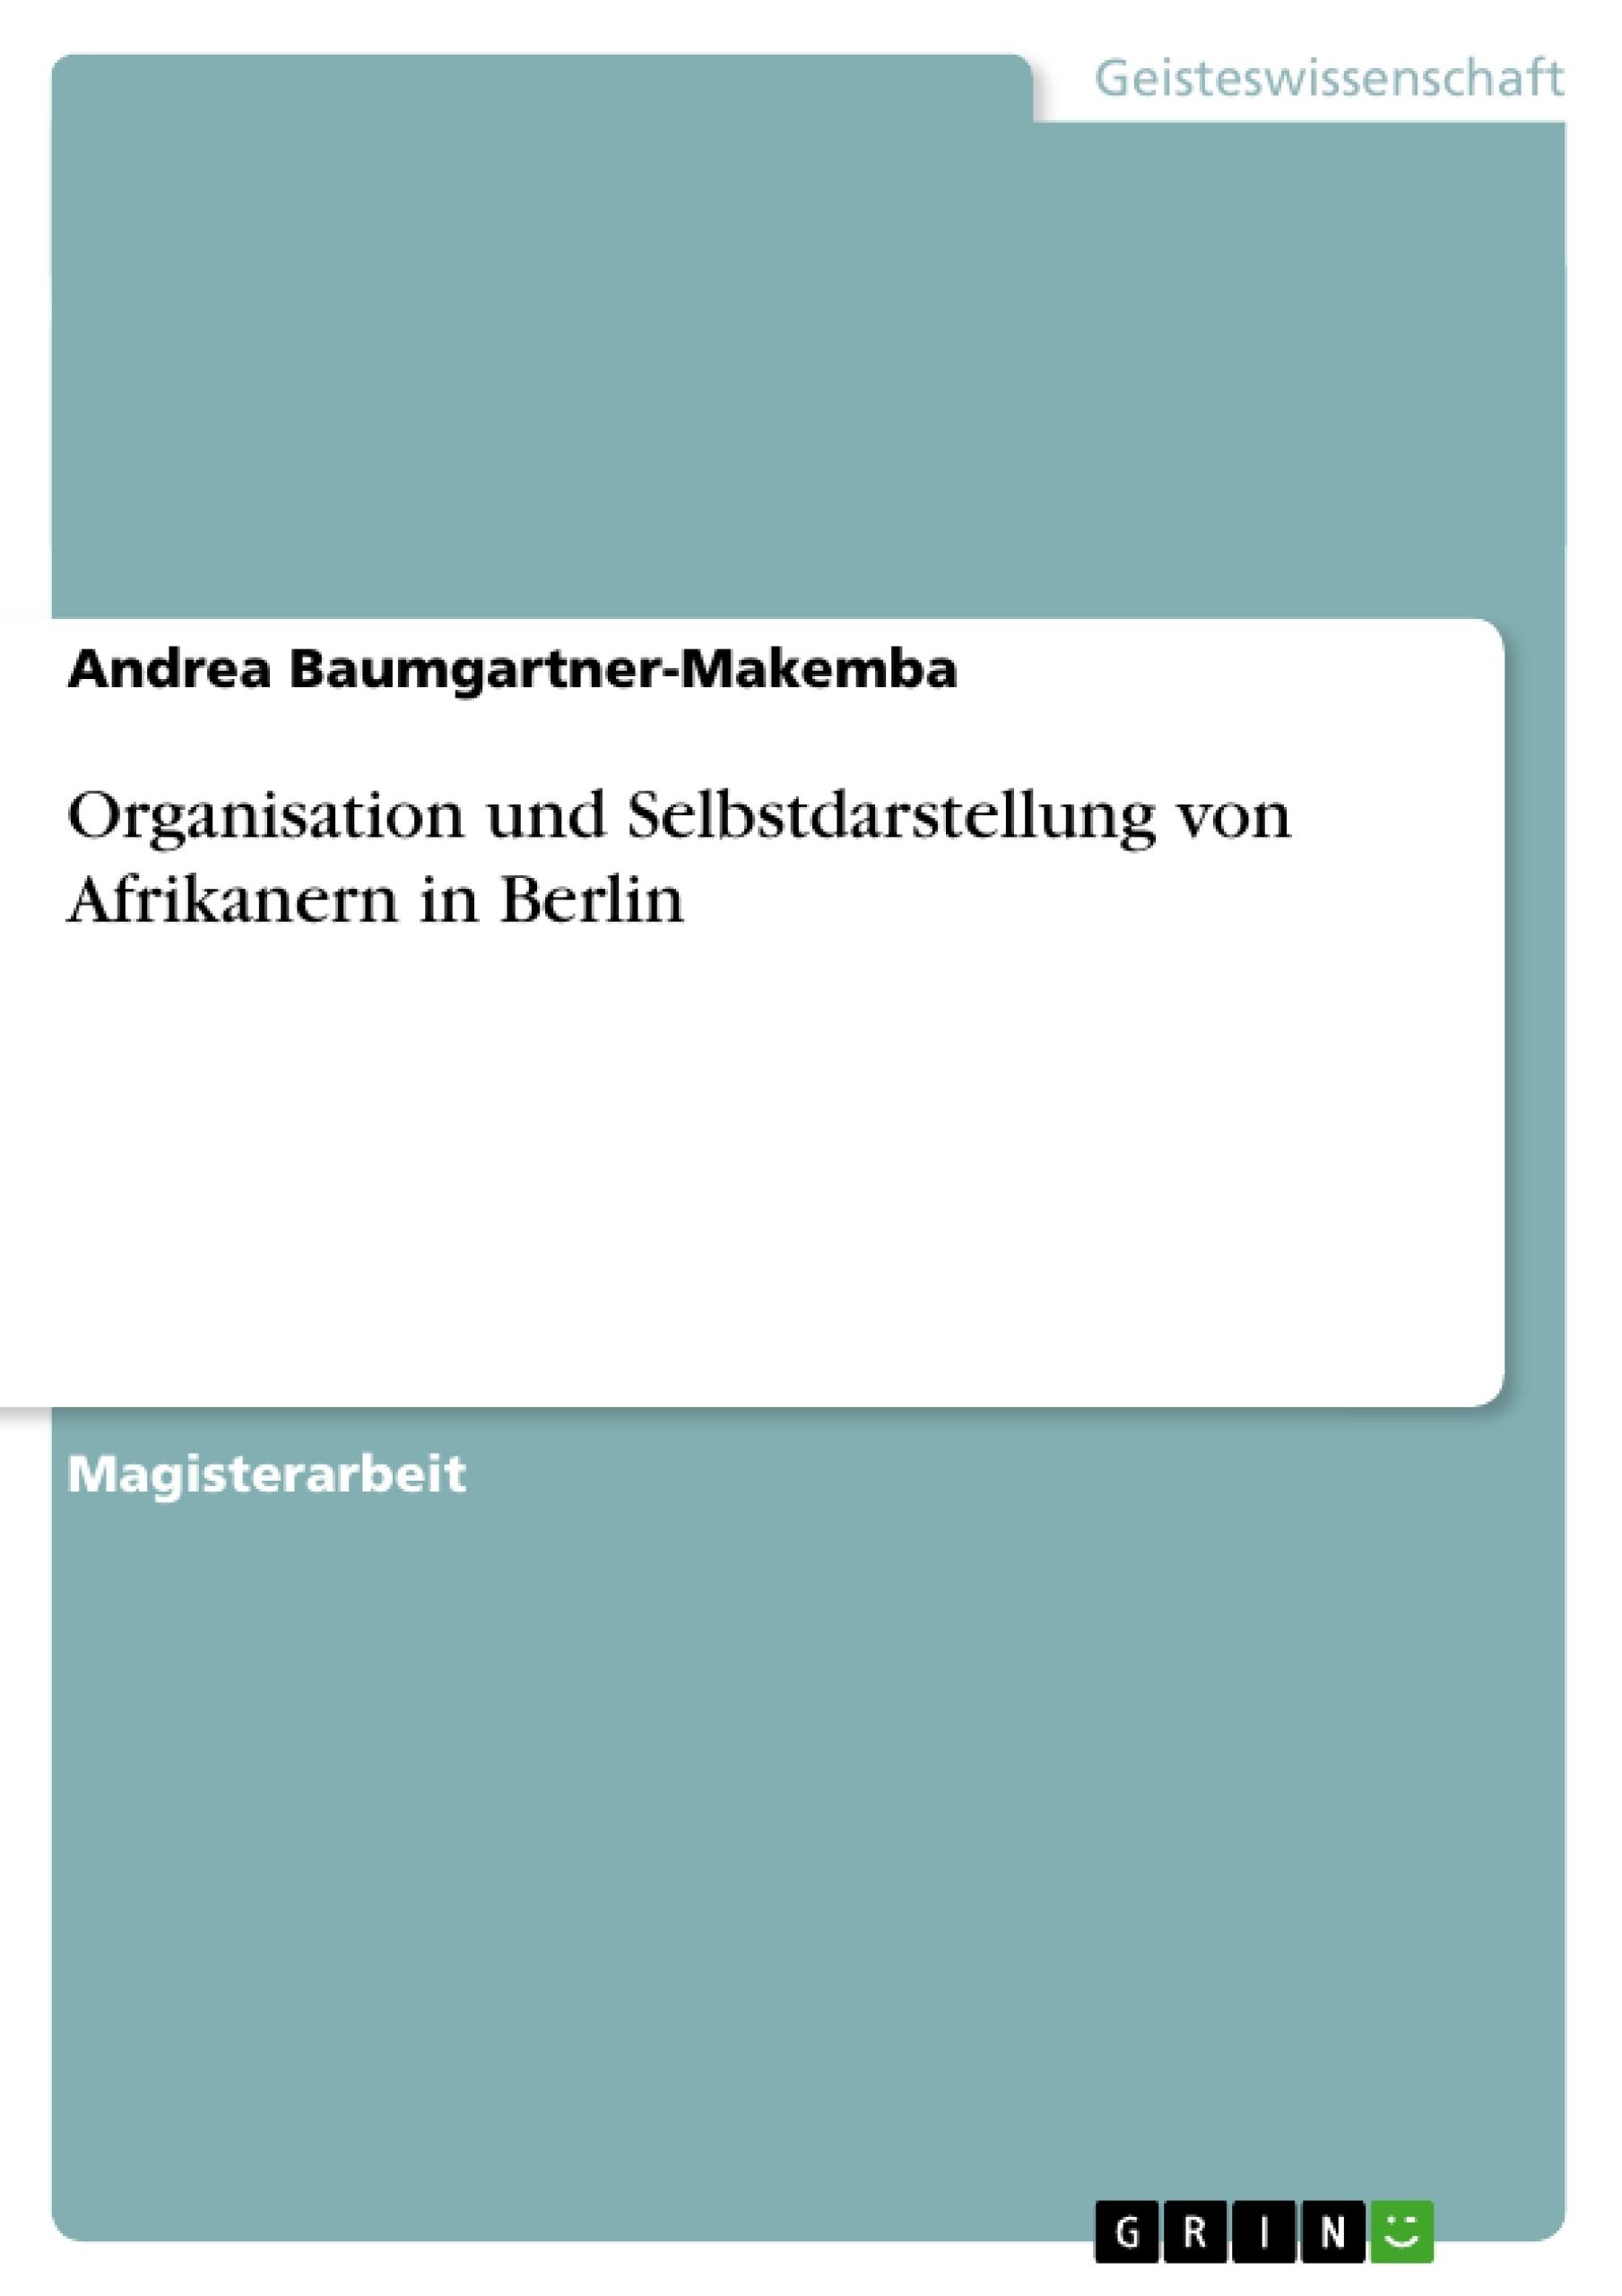 Titel: Organisation und Selbstdarstellung von Afrikanern in Berlin